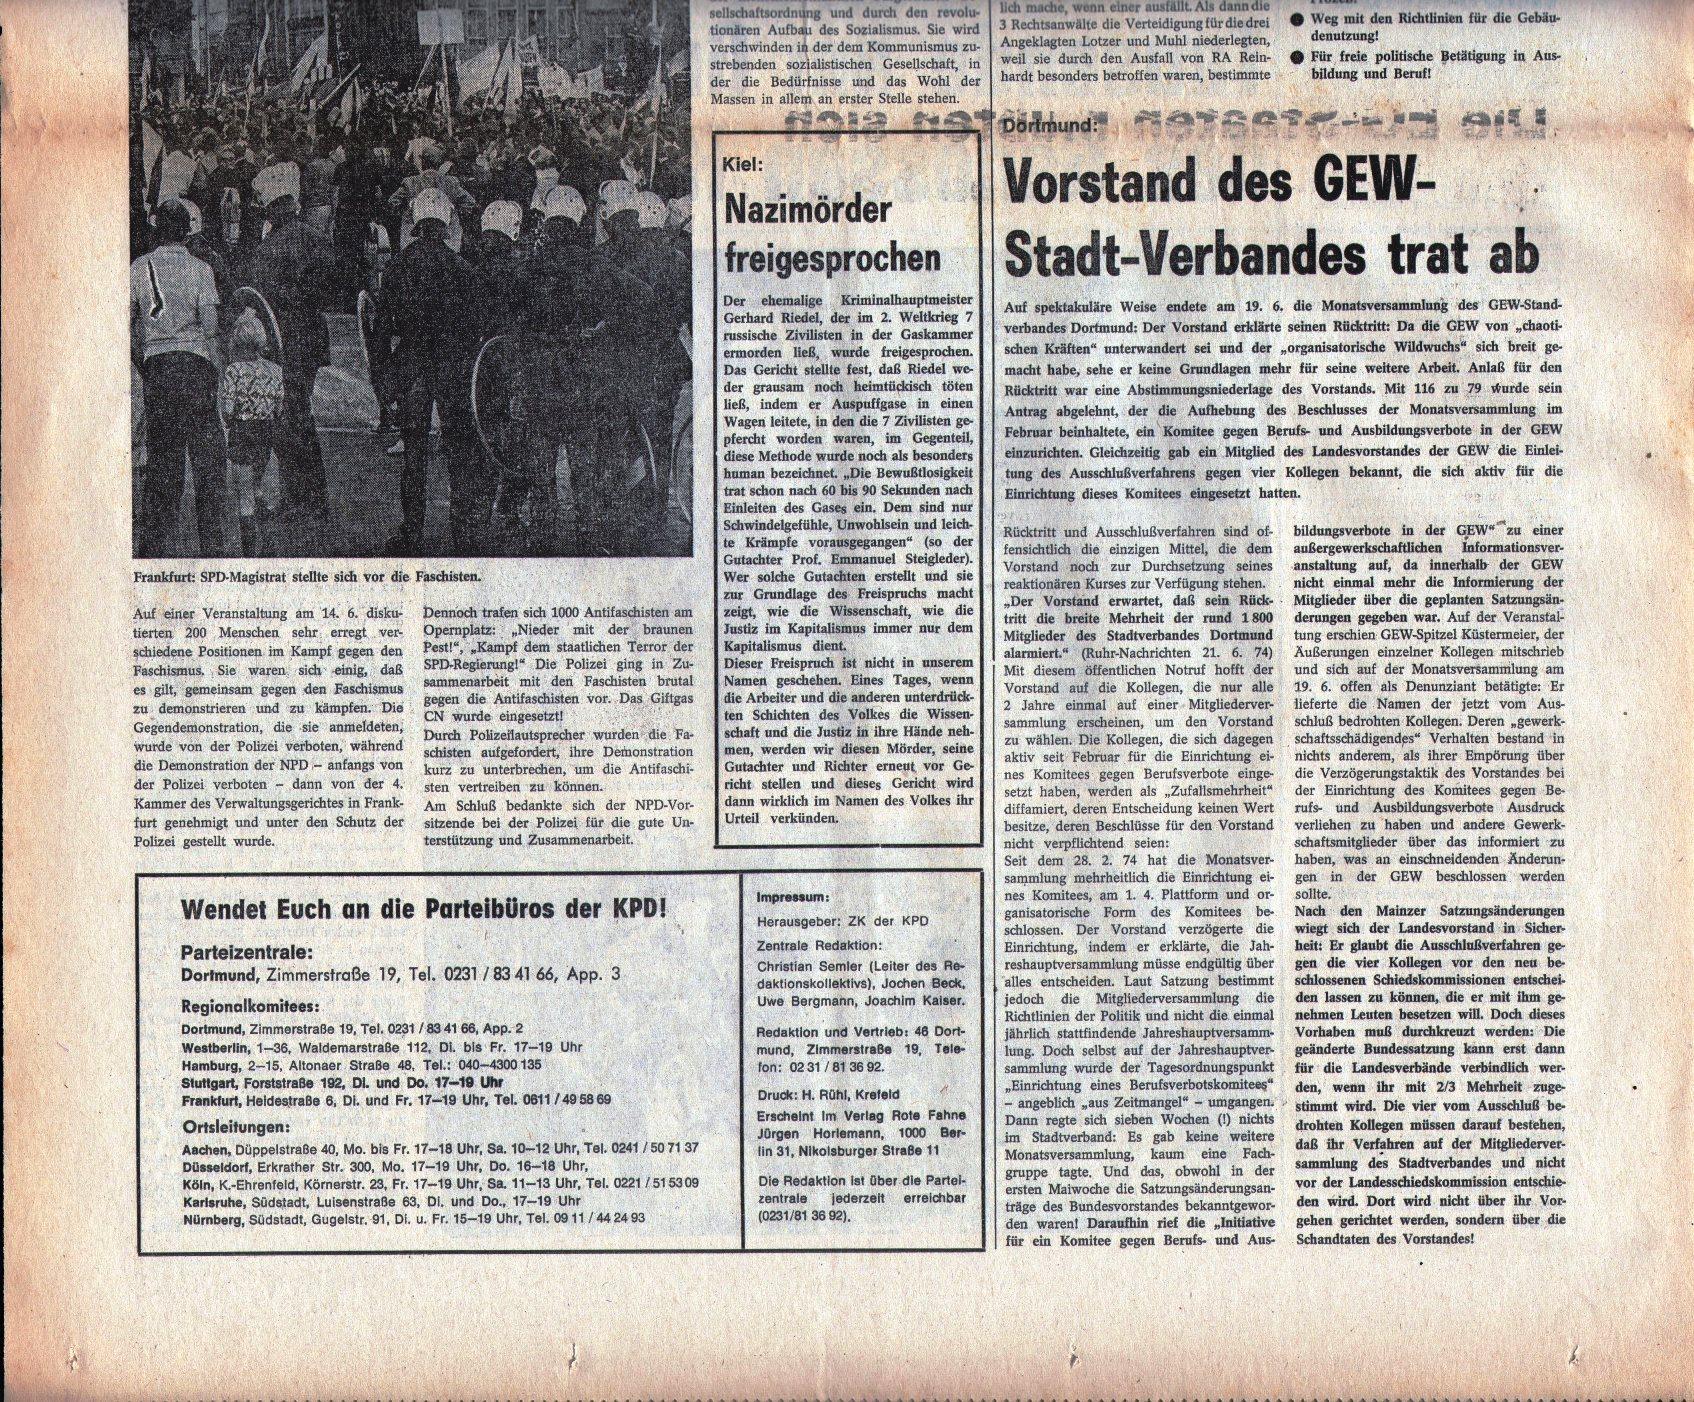 KPD_Rote_Fahne_1974_26_04